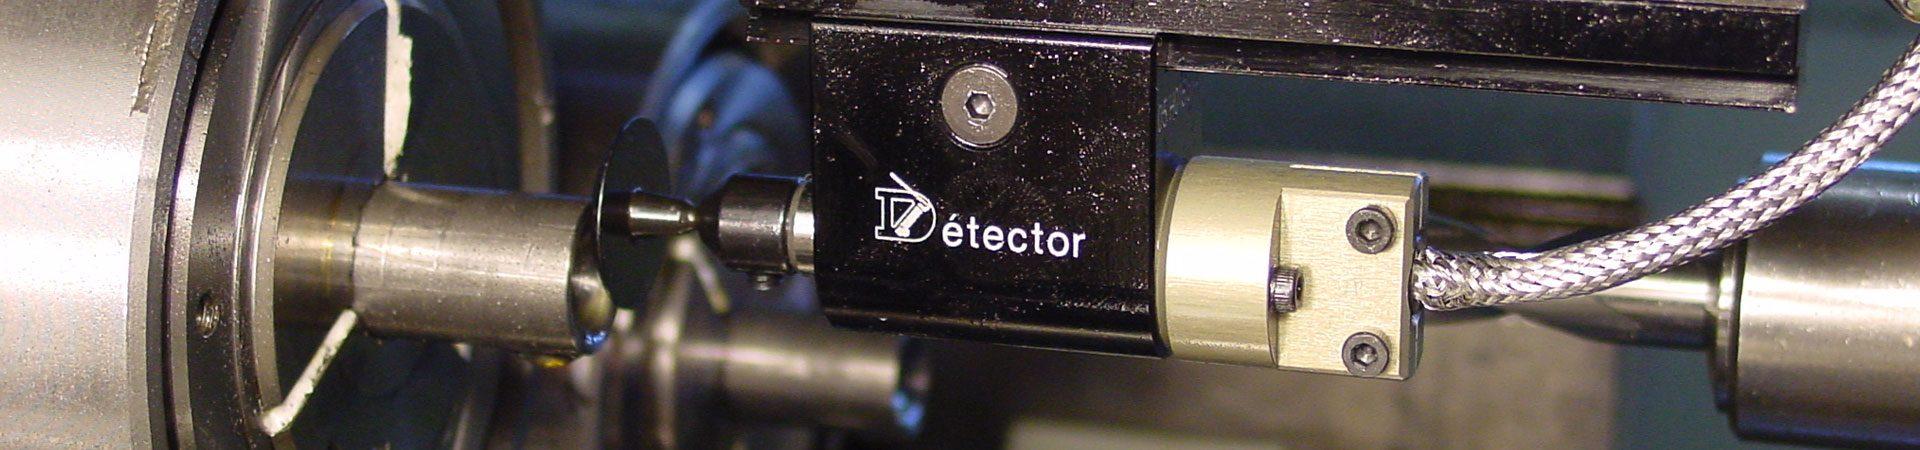 Misuratori_rilevatori_utensili_detector_specialisti_nella_rilevazione_presenza_utensile